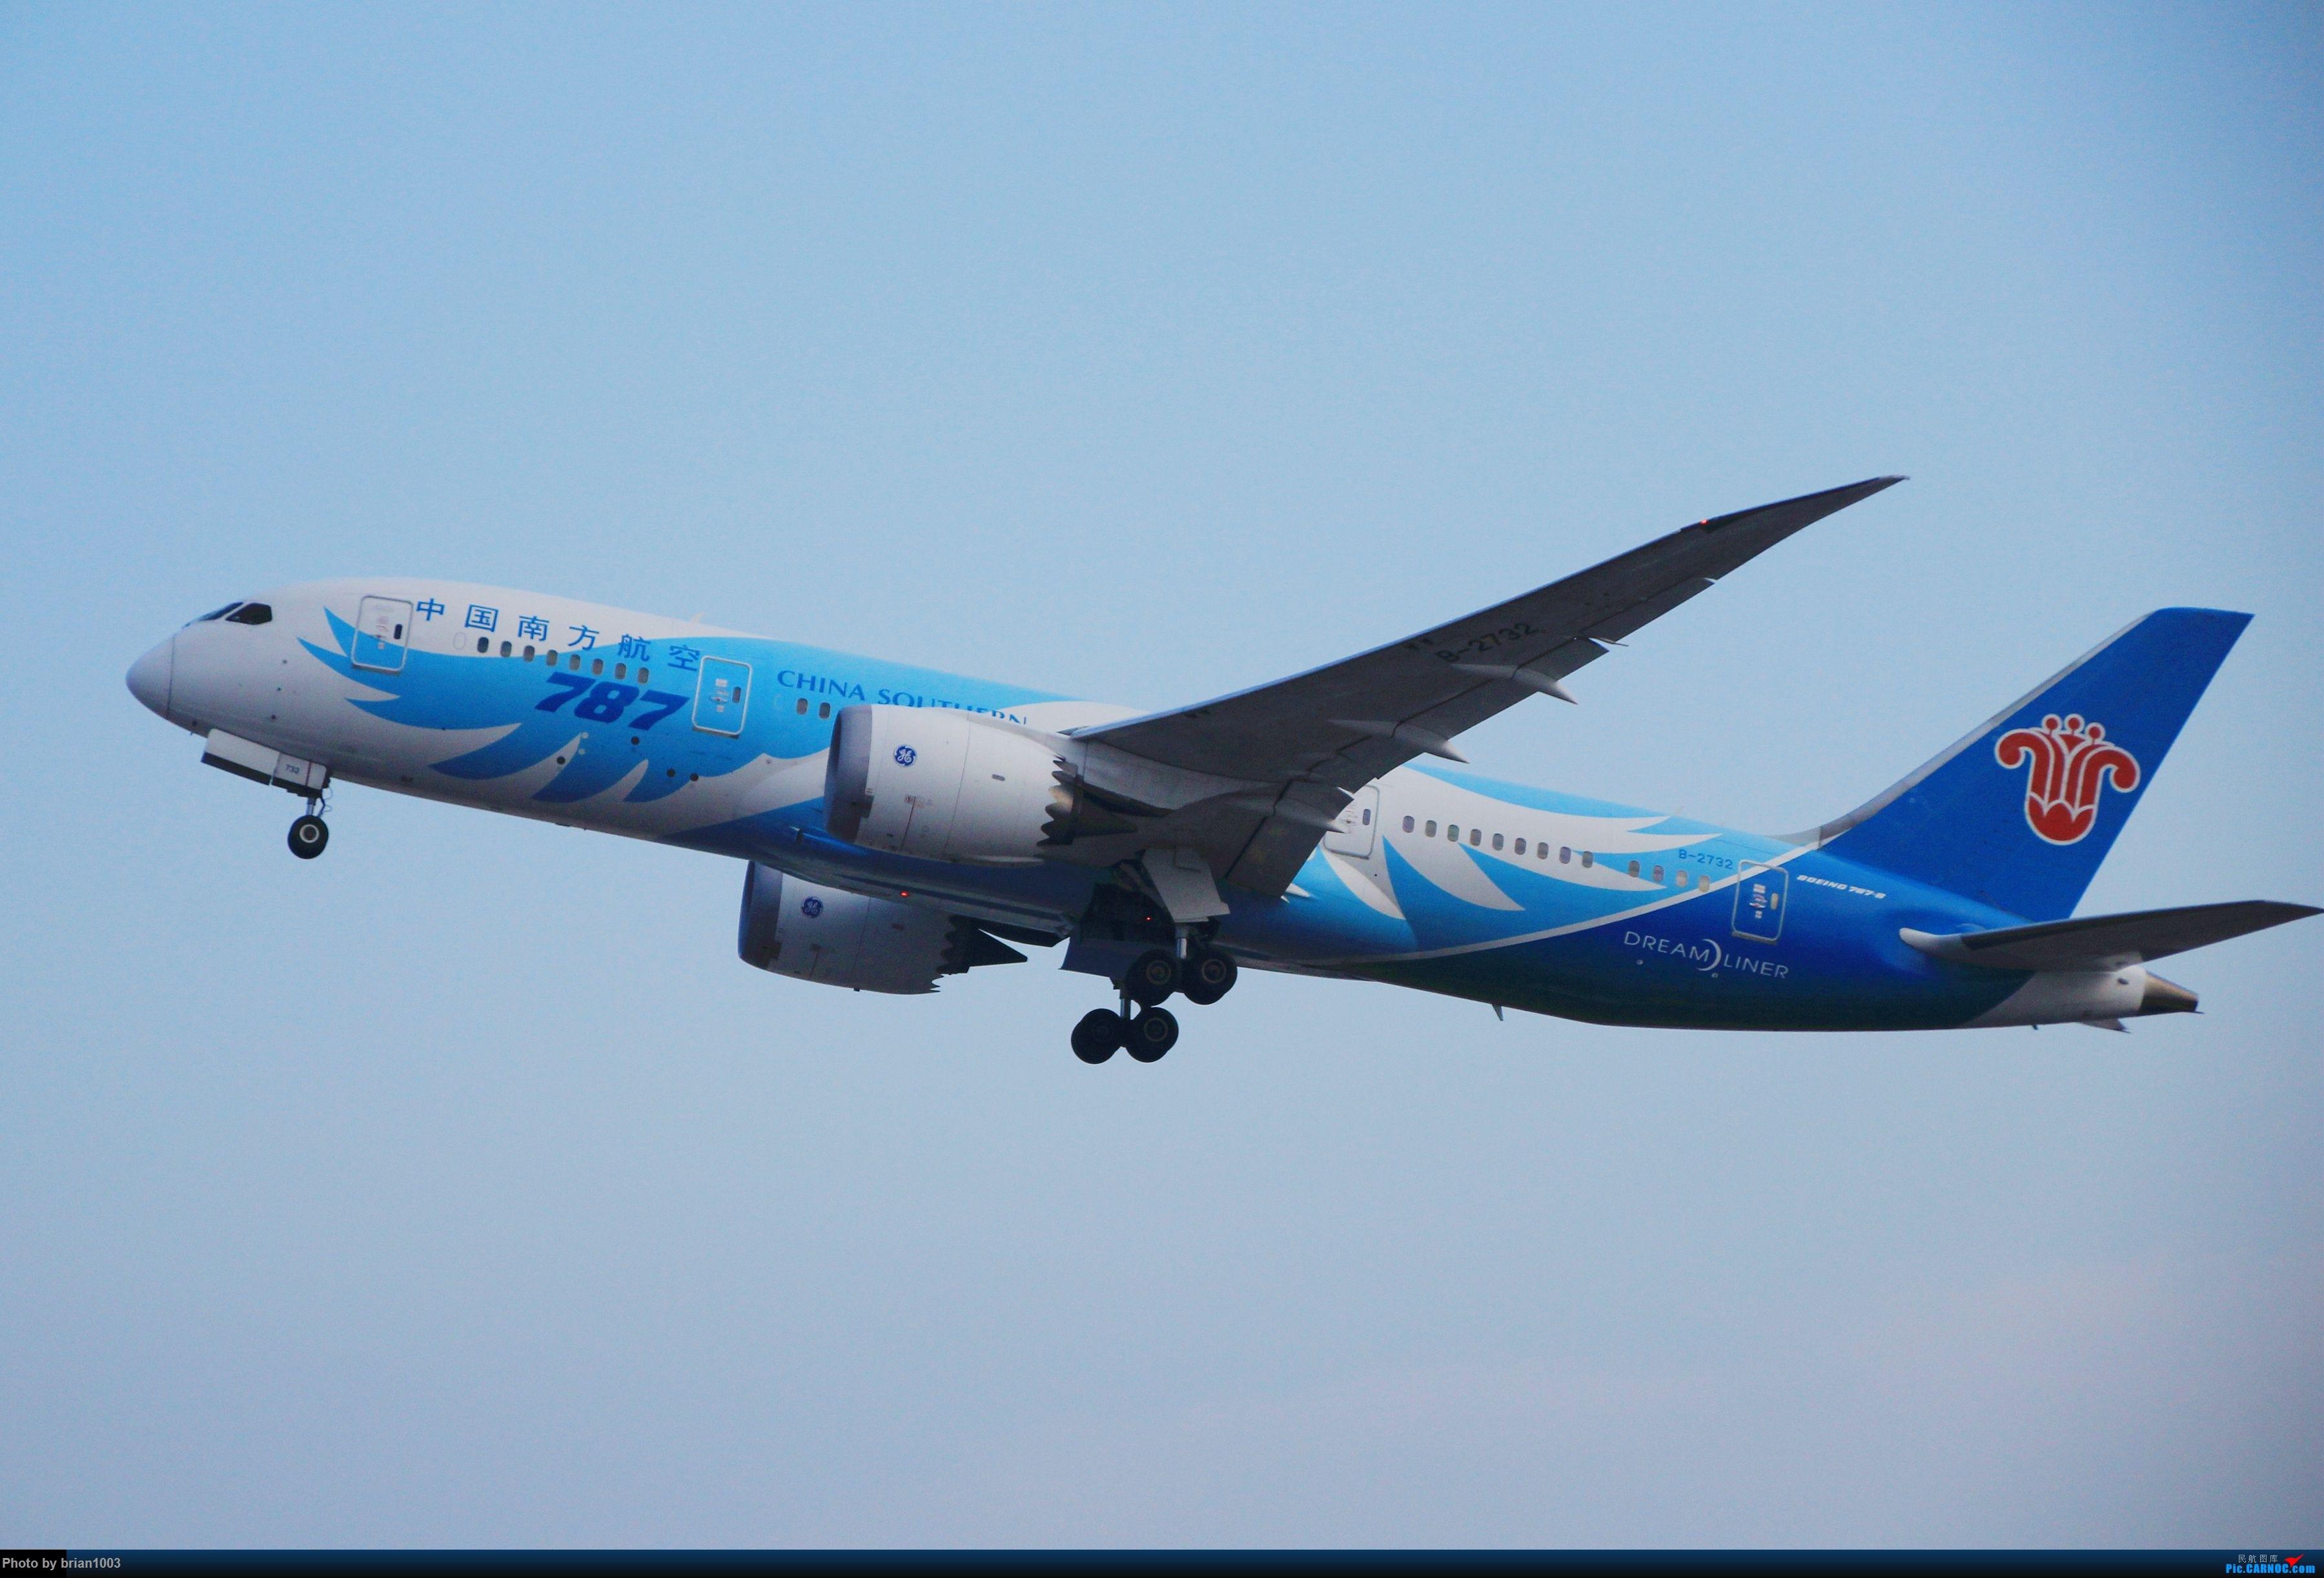 Re:[原创]WUH武汉天河机场拍机之精彩满满的十月(还可能更新) BOEING 787-8 B-2732 中国武汉天河国际机场